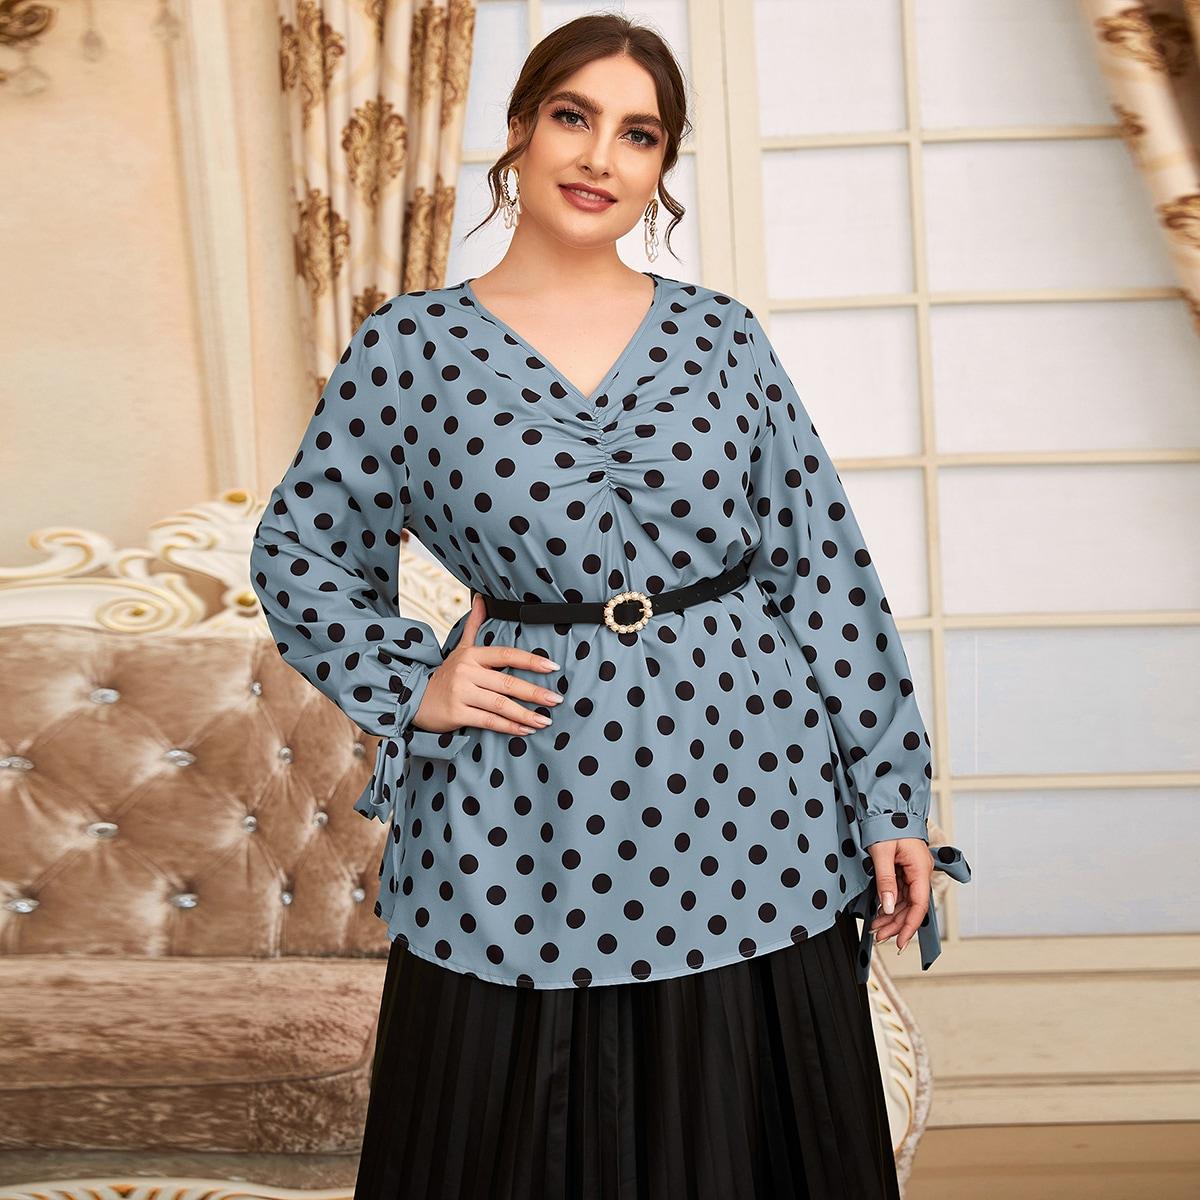 SHEIN / Bluse mit Punkten Muster, Rüsche vorn und Knoten ohne Gürtel